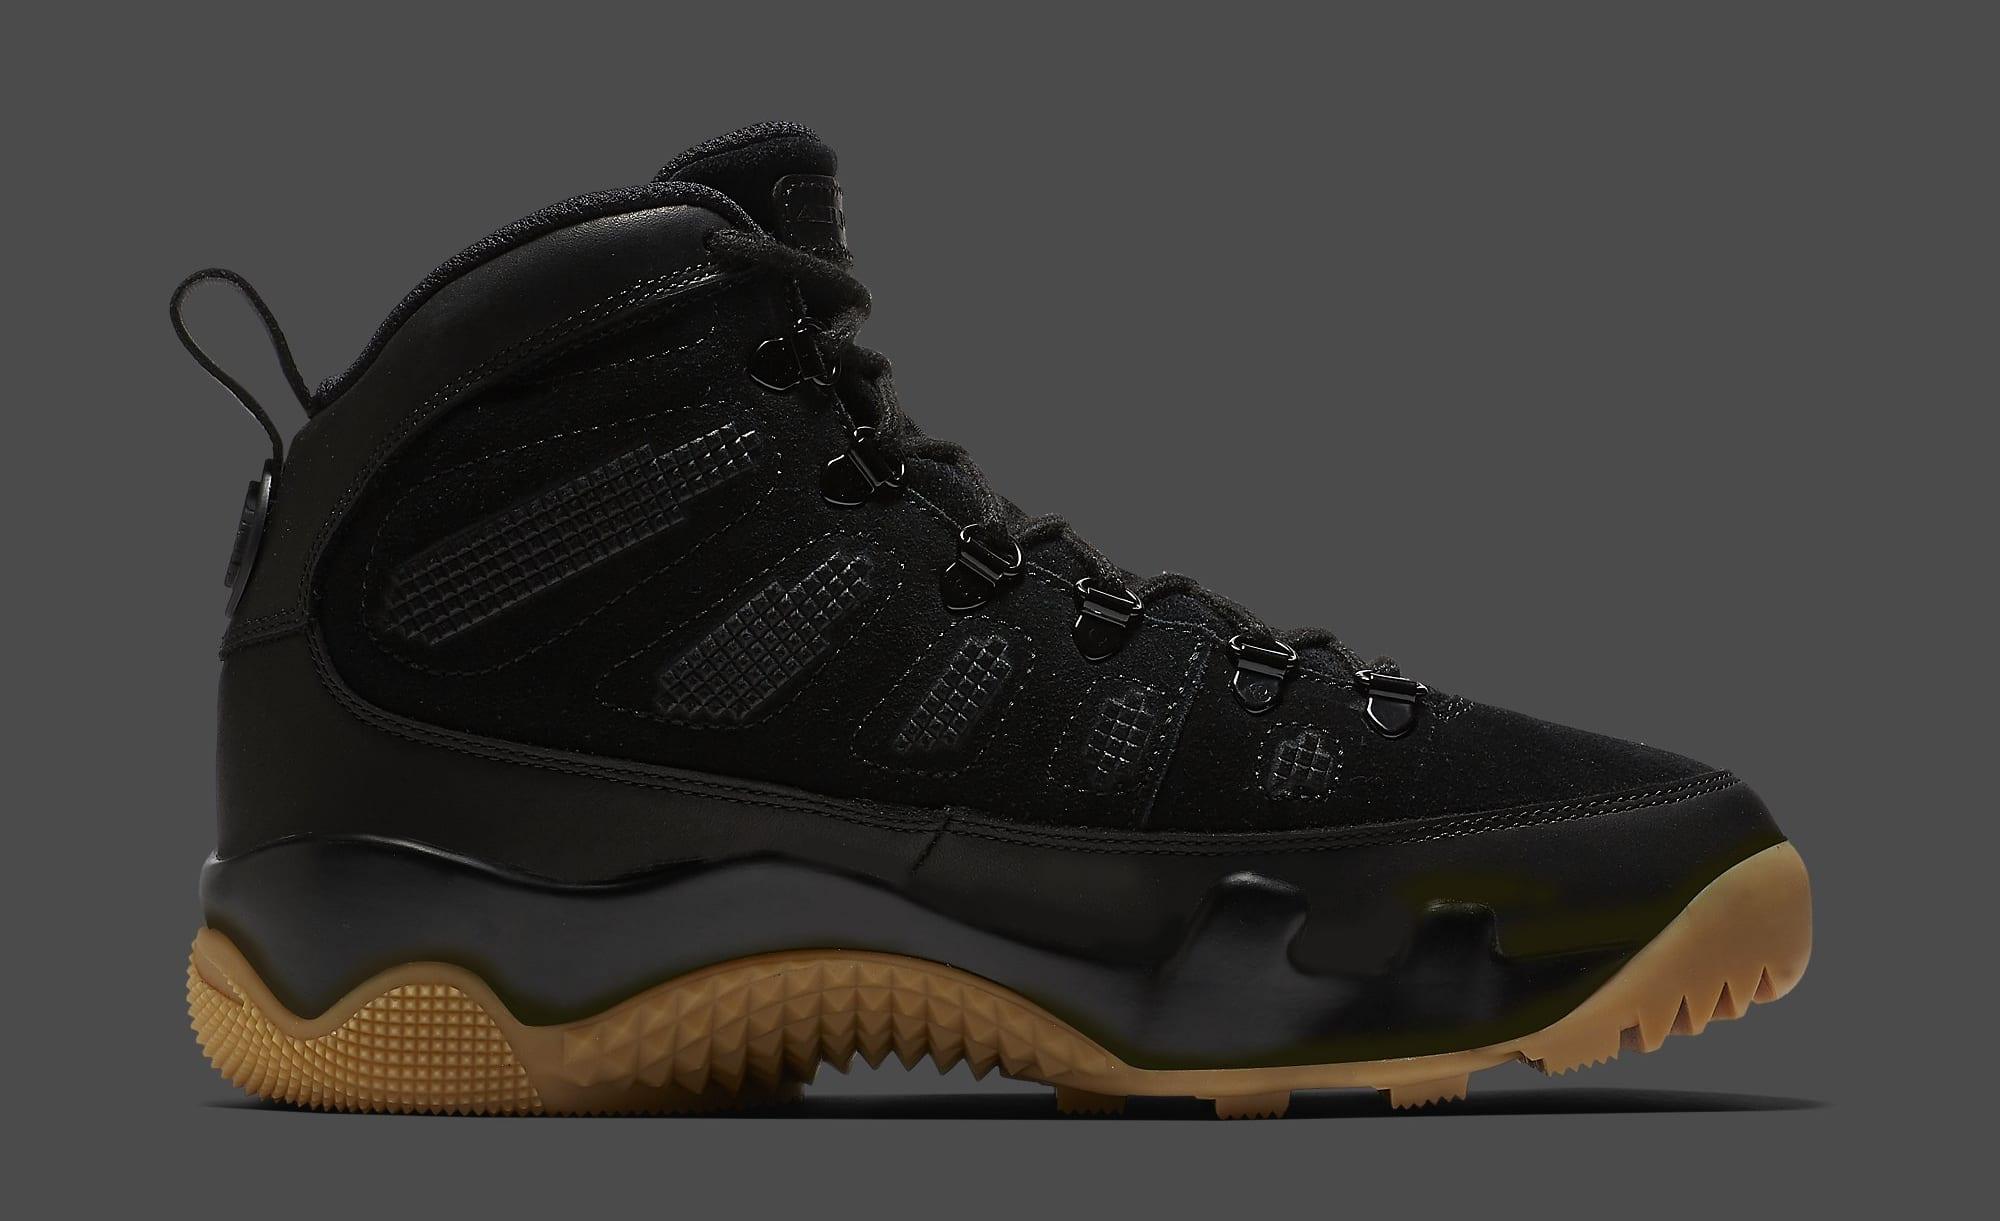 3ec19b591360f4 ... Release Date  Image via Nike Air Jordan 9 Boot NRG AR4491-025 ...